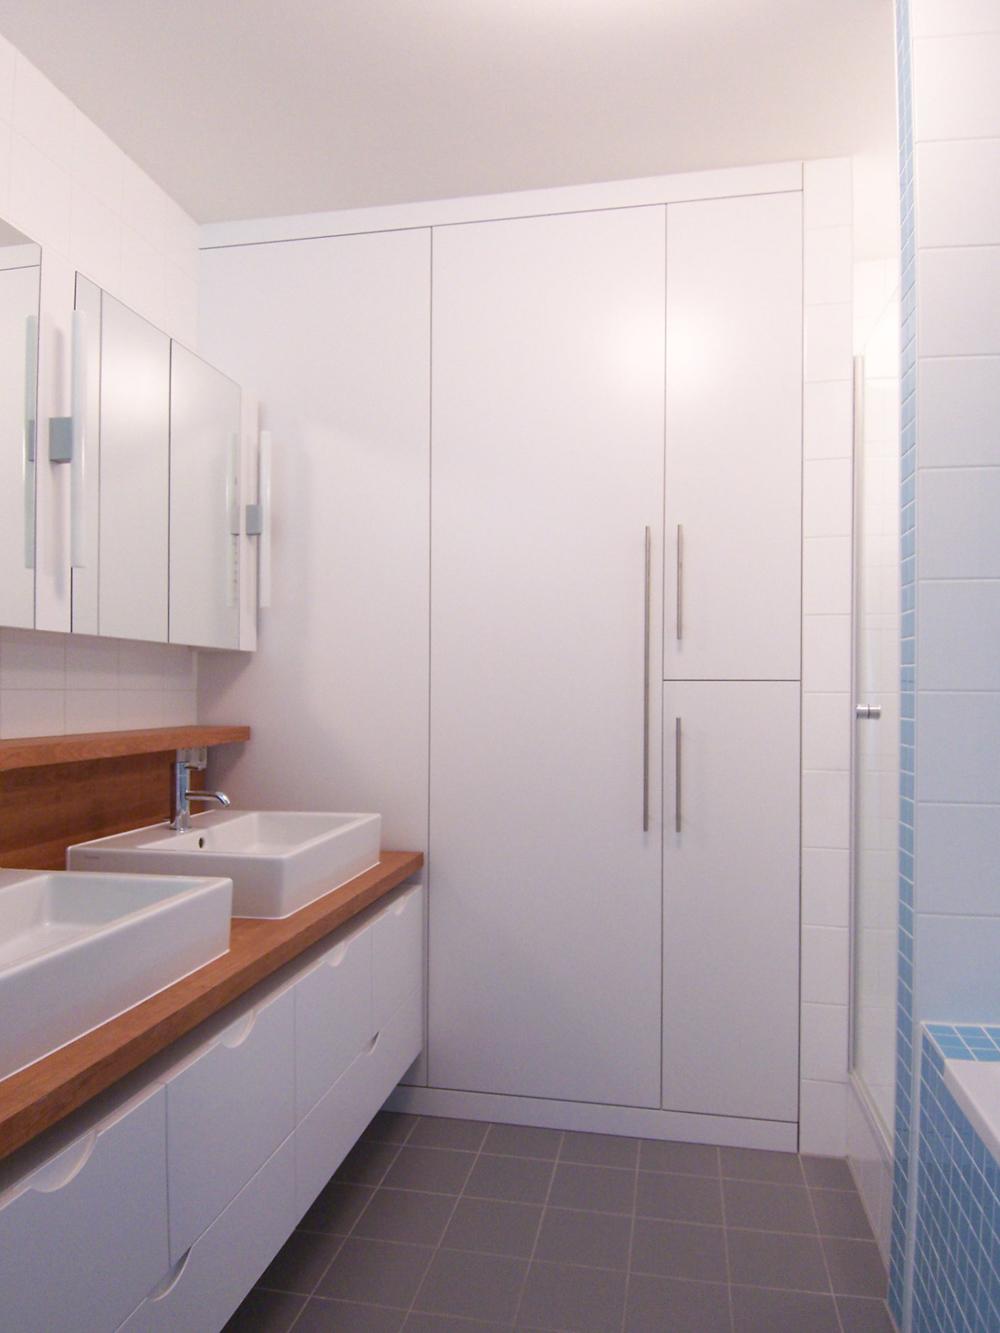 Bild des Bades mit integriertem Möbeldesign (Waschtisch & Stauraum-Schränken) von einem Einfamilienhaus das von Architekten geplant wurde